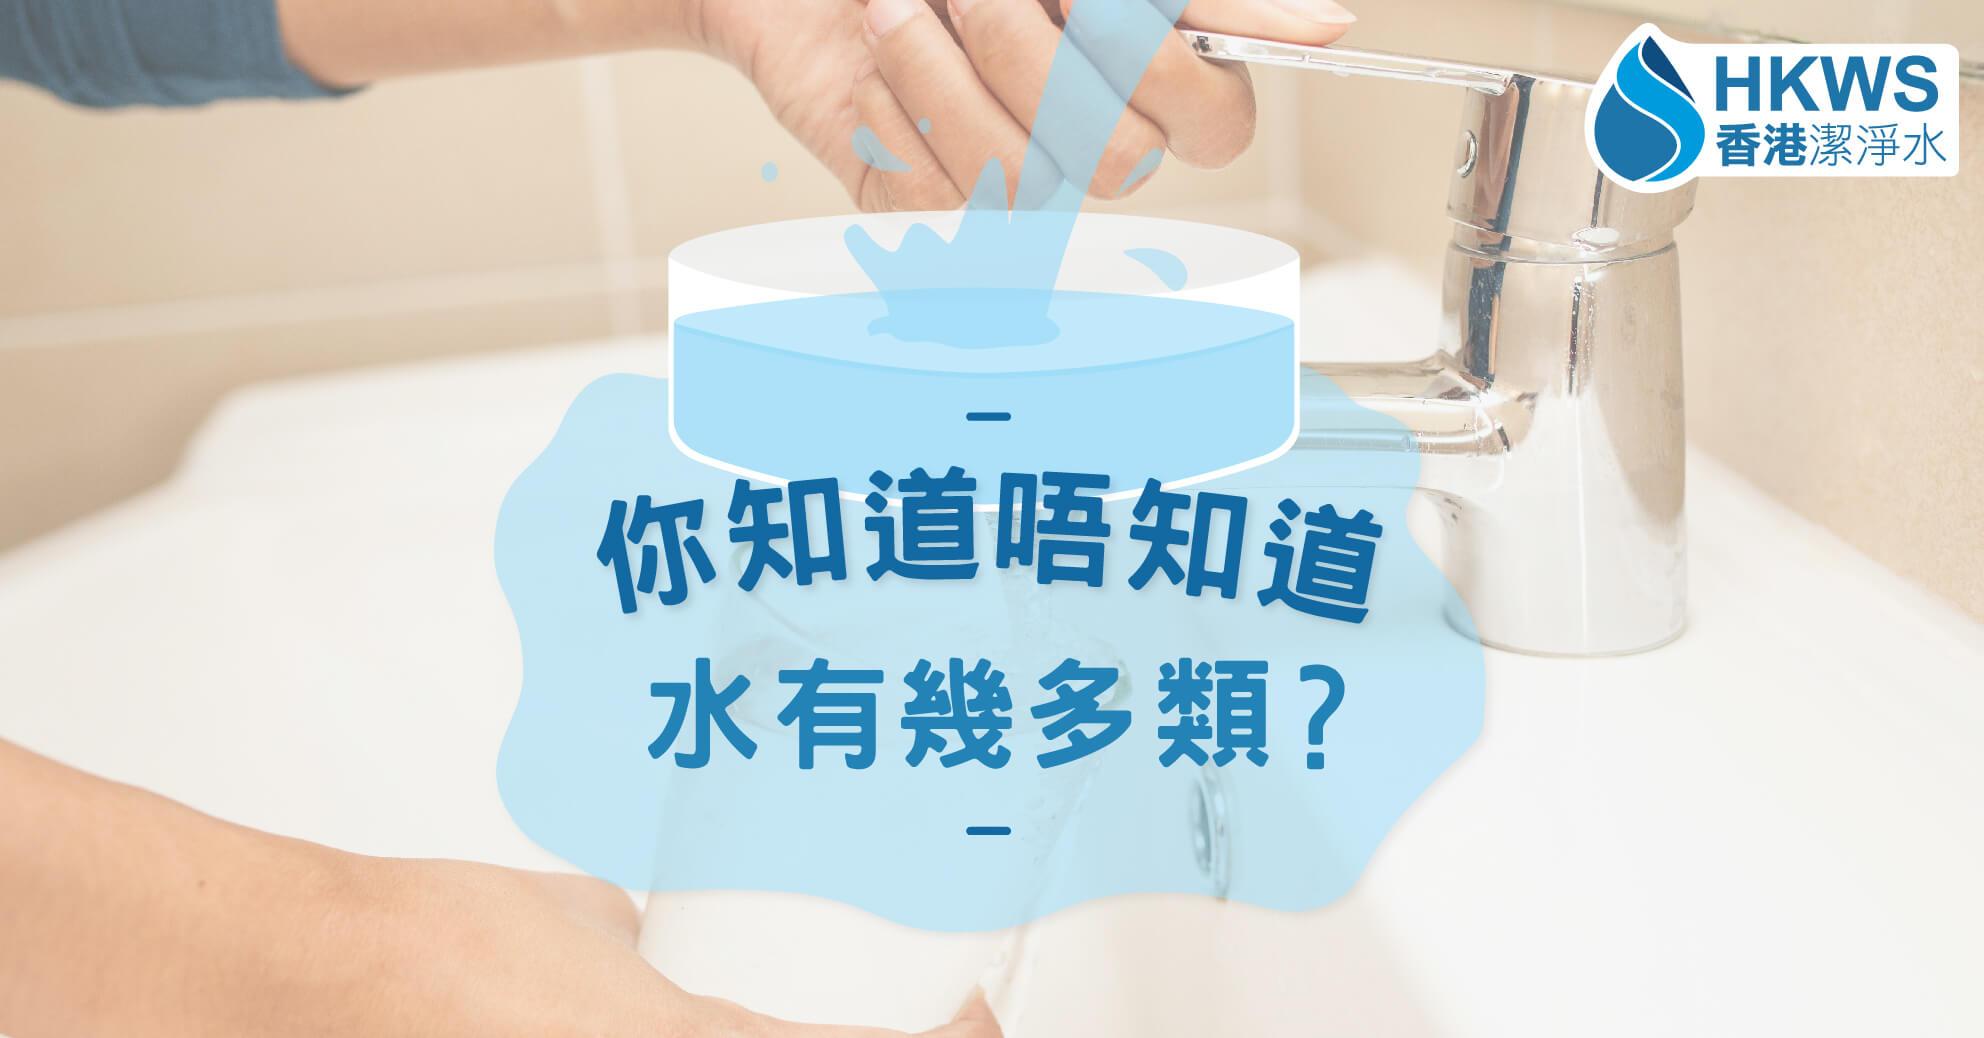 水的類型:不同類型的水及其用途